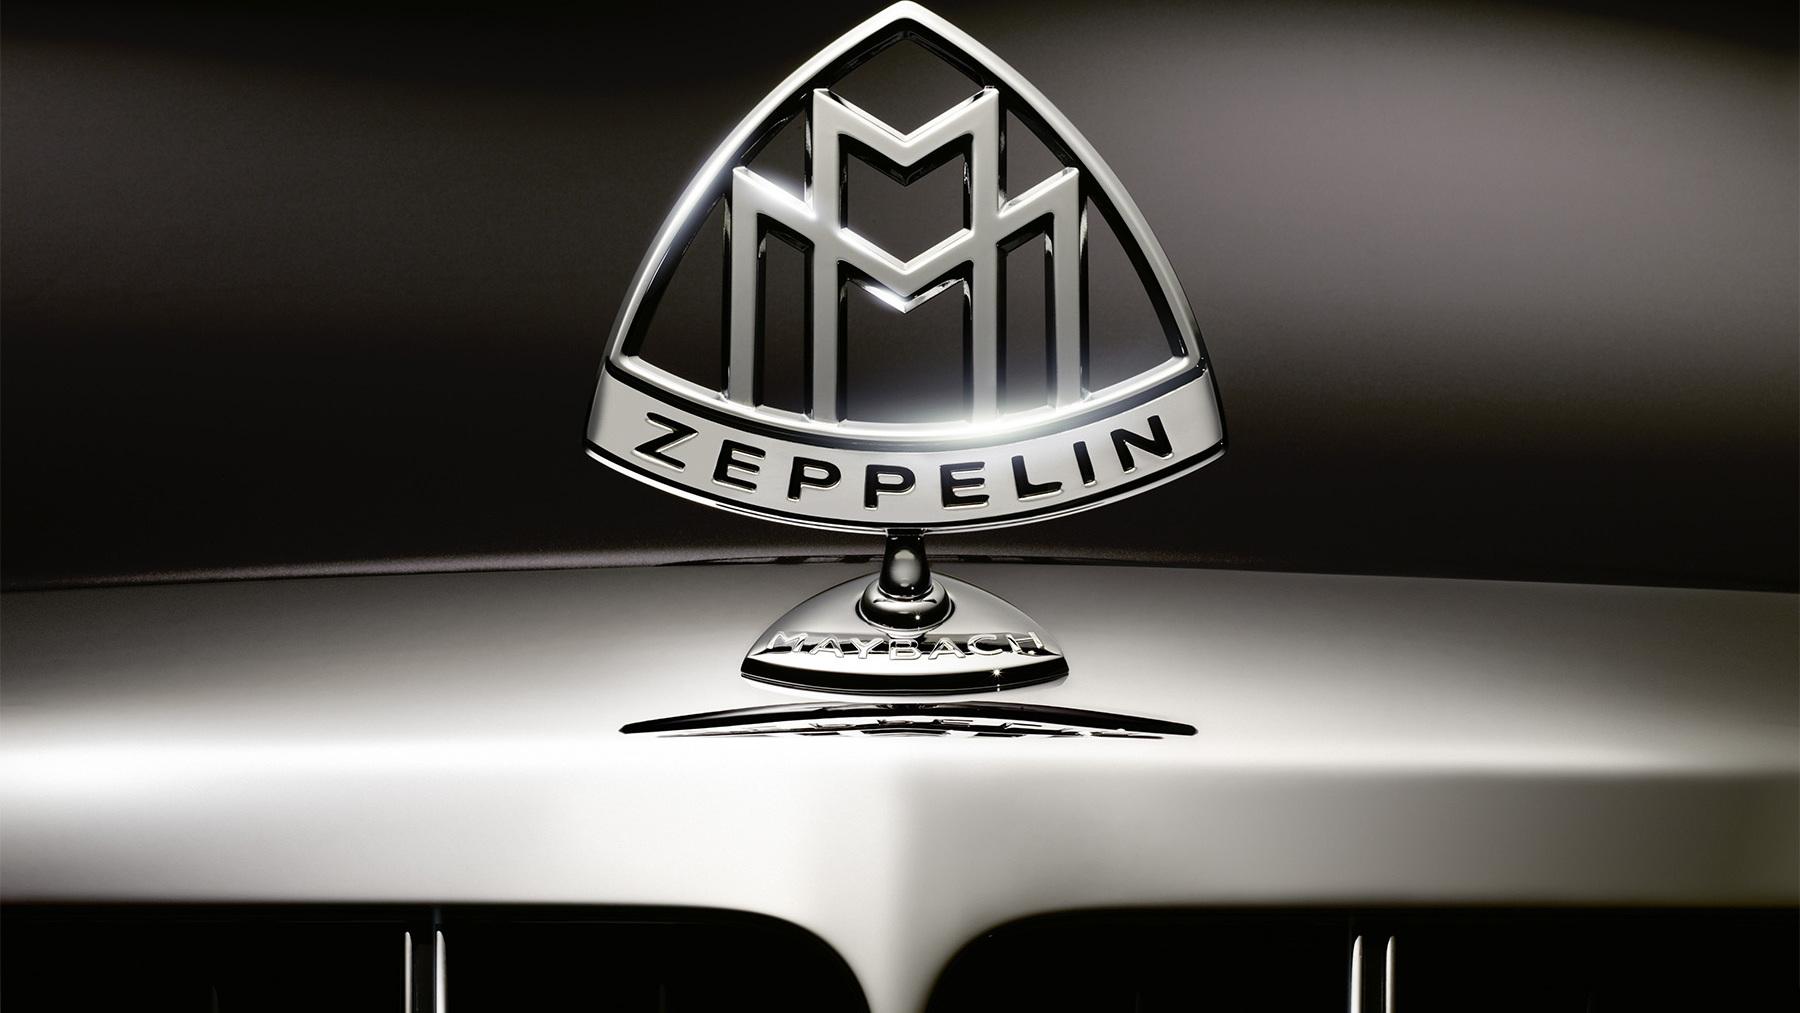 2010 maybach zeppelin 001